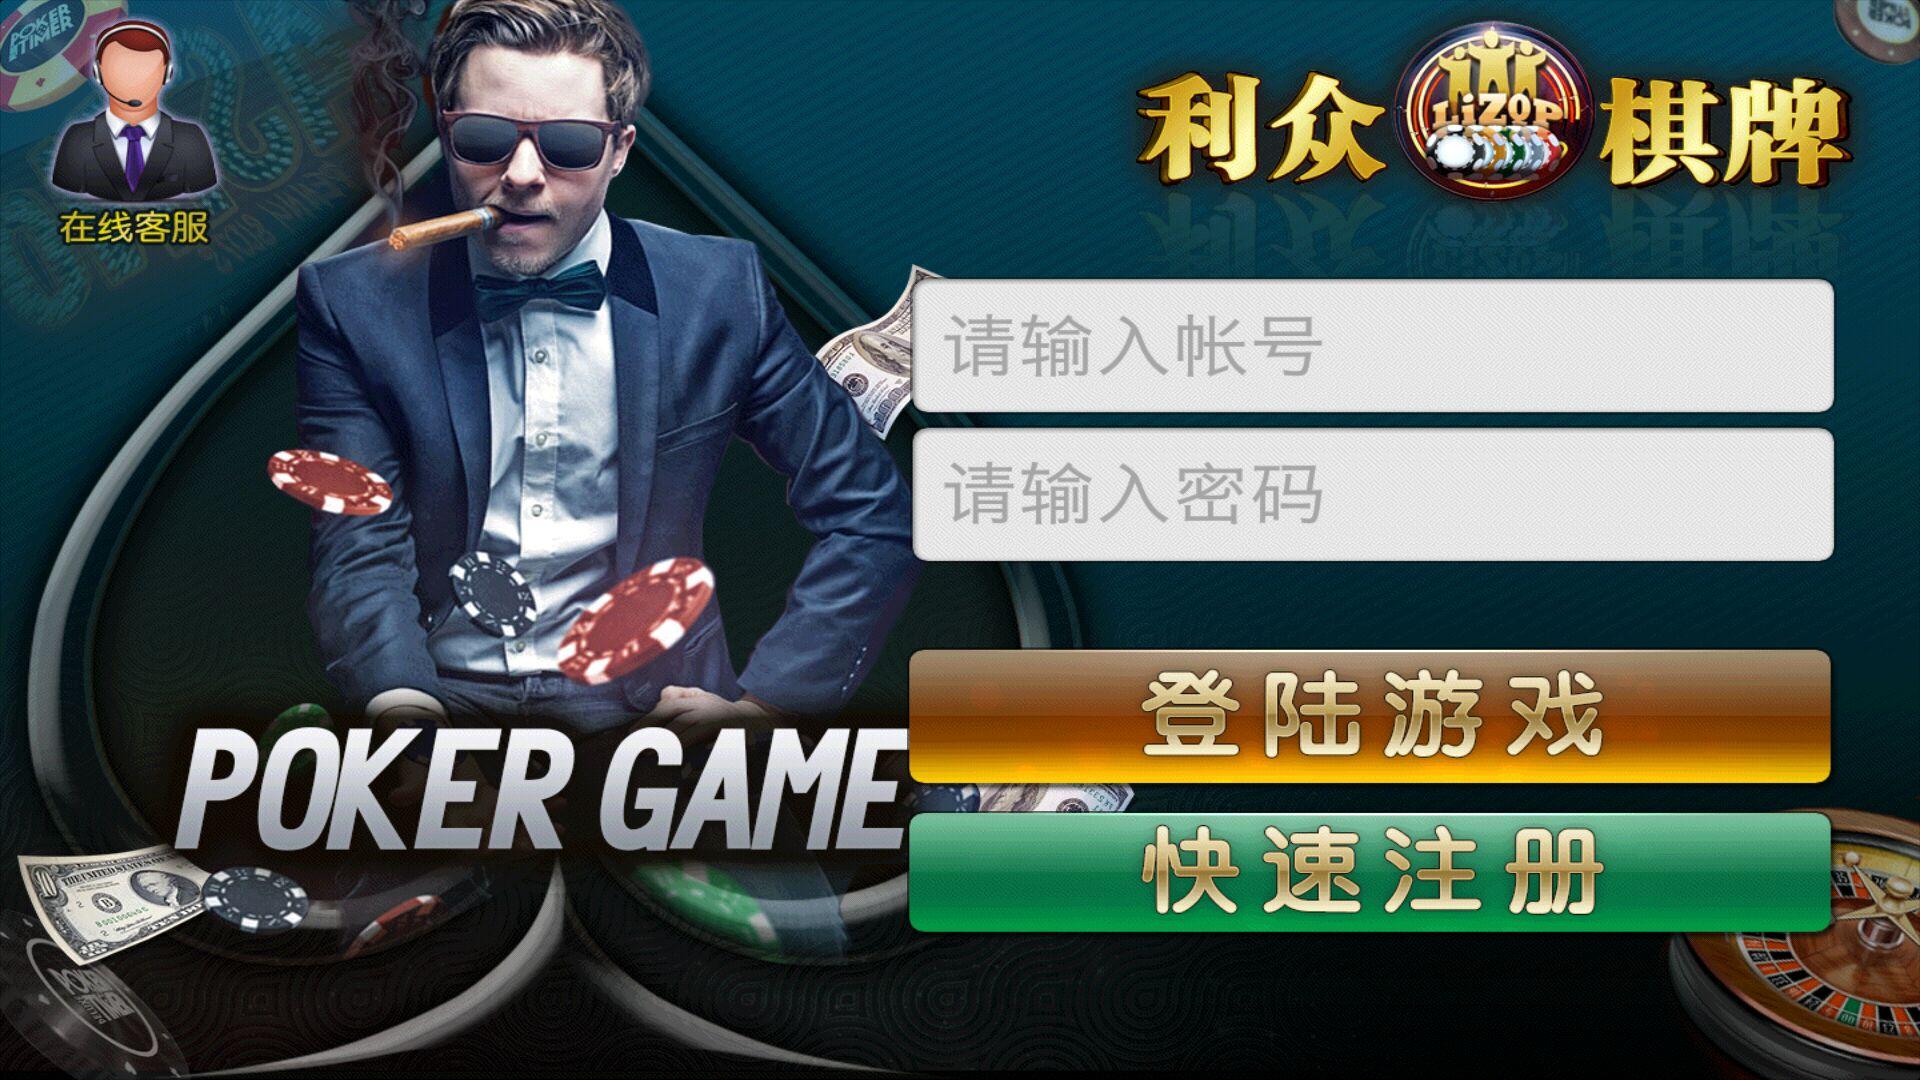 下载之家 软件下载 游戏娱乐 棋牌游戏 > 利众棋牌v2.